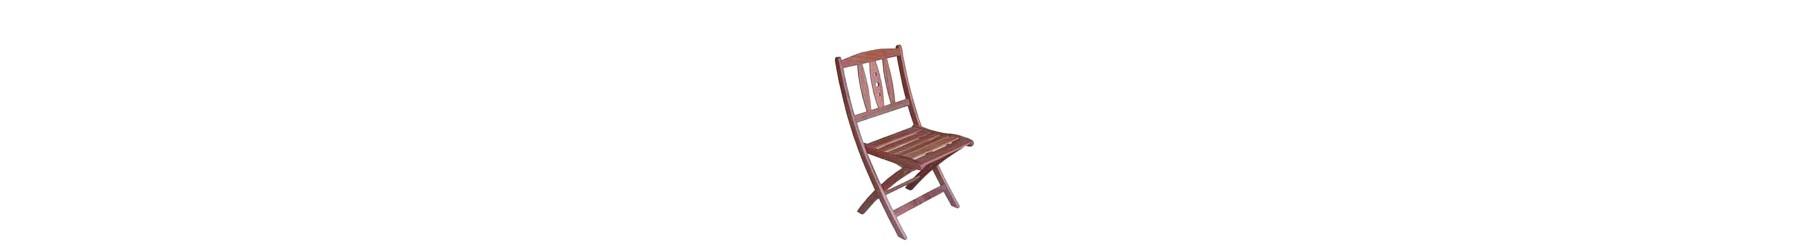 Καρέκλες για εξωτερικό χώρο. Κατάλληλα και ανθεκτικά υλικά.